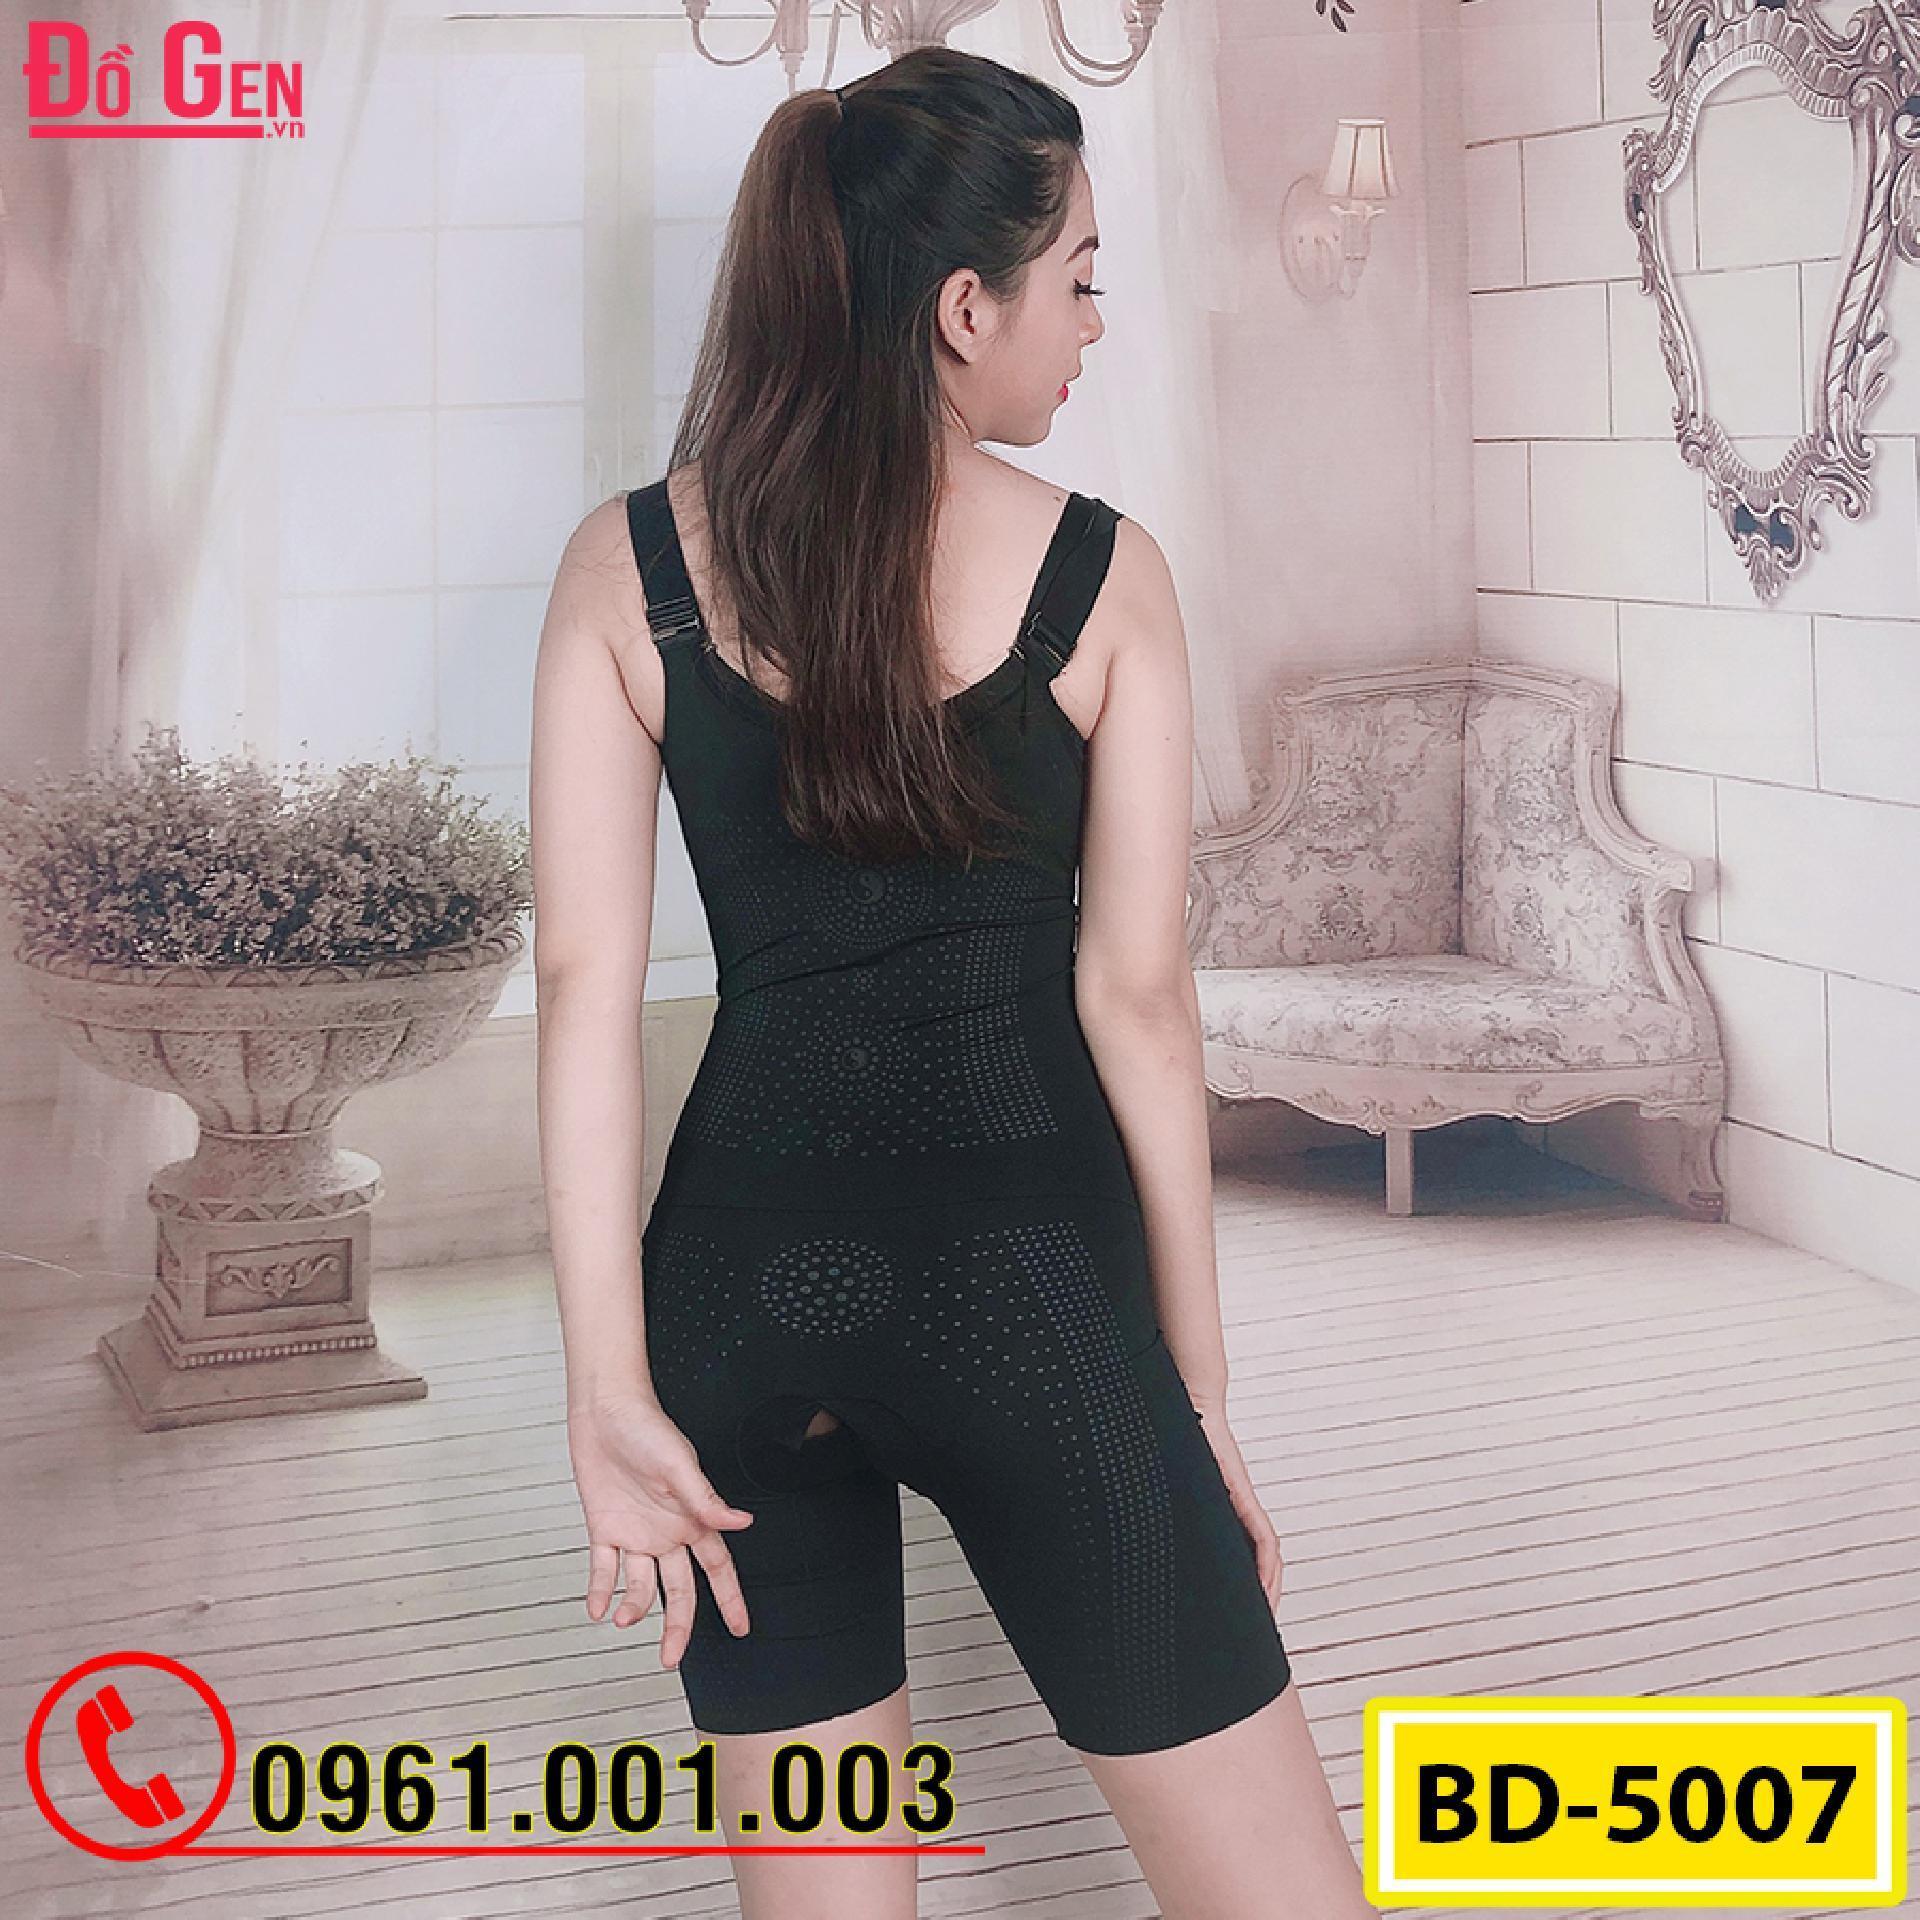 Đồ Lót Định Hình - Quần Áo Gen Định Hình Bikini Liền Thân Cao Cấp (Cod: BD-5007)